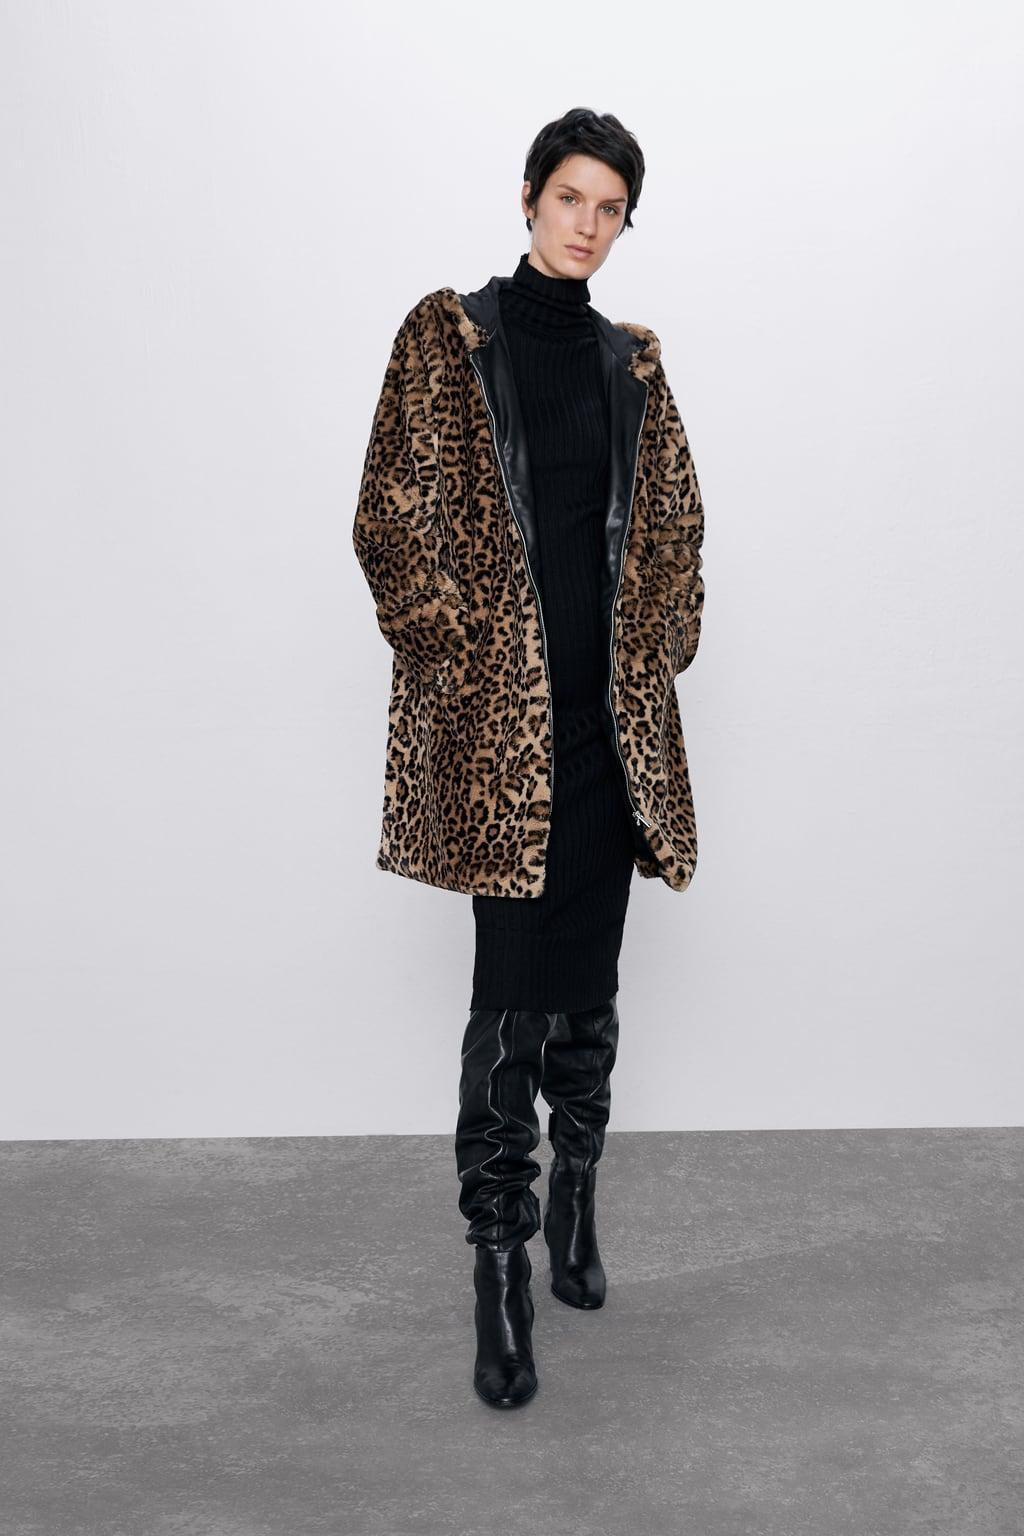 Οδηγός Αγοράς: 10 παλτό που μπορείς να αγοράσεις με μεγάλη έκπτωση αυτήν την Black Friday